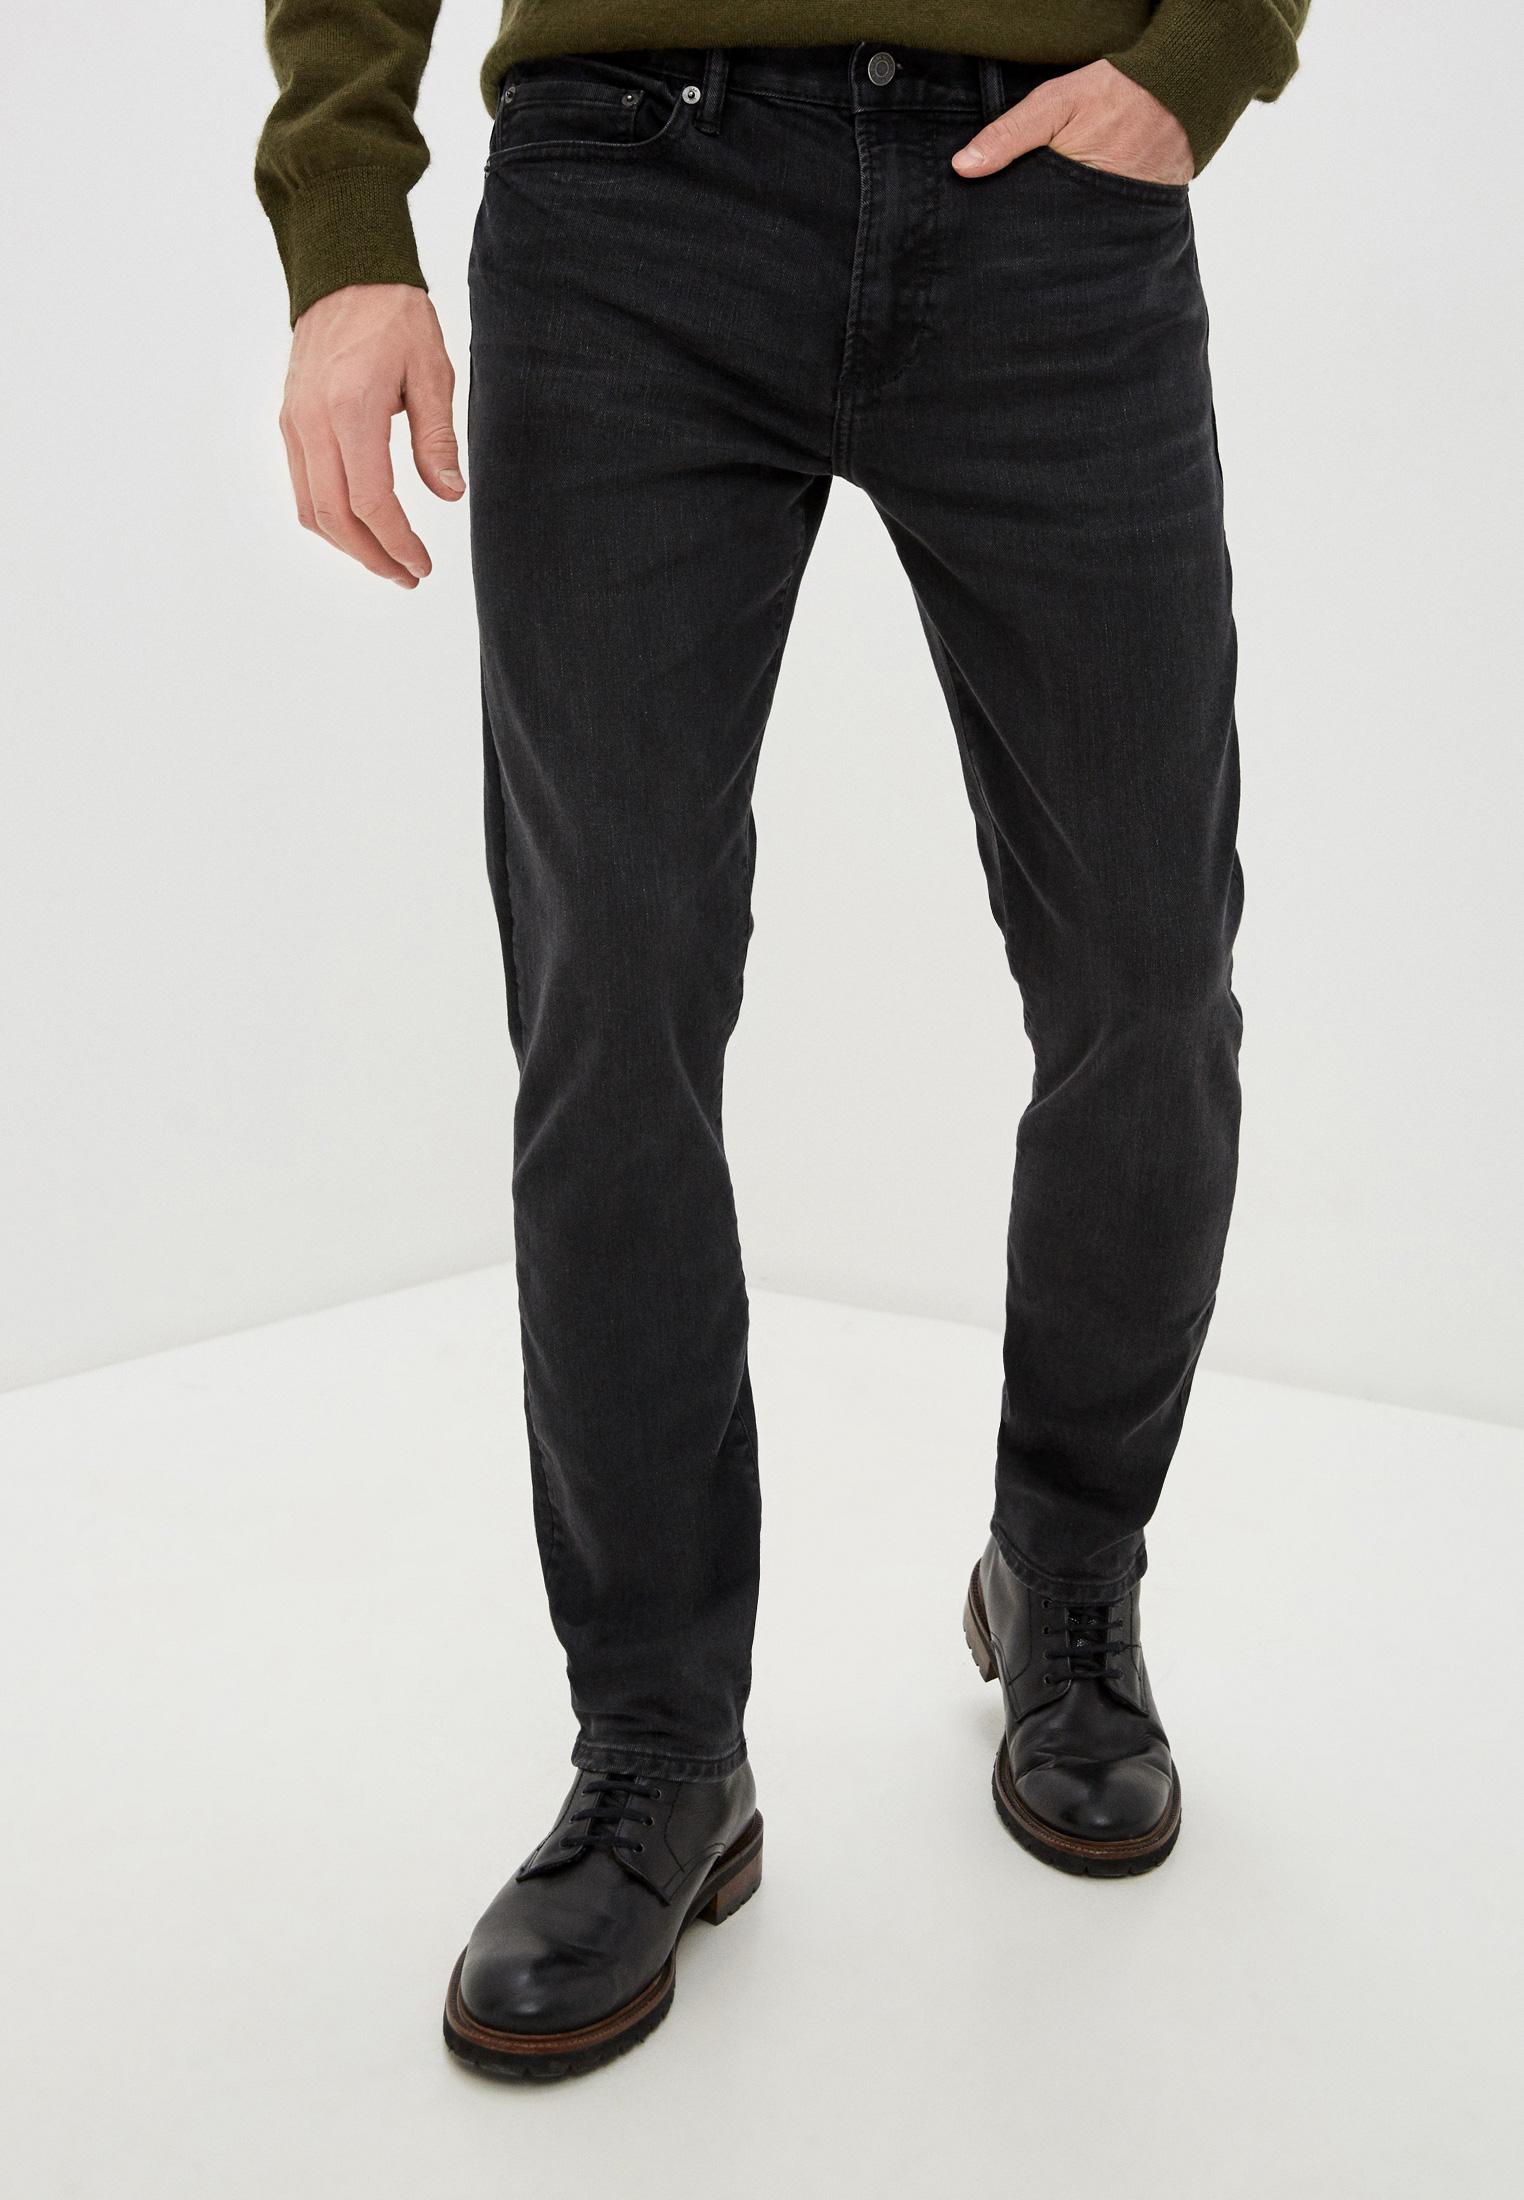 Мужские прямые джинсы Gap 645165